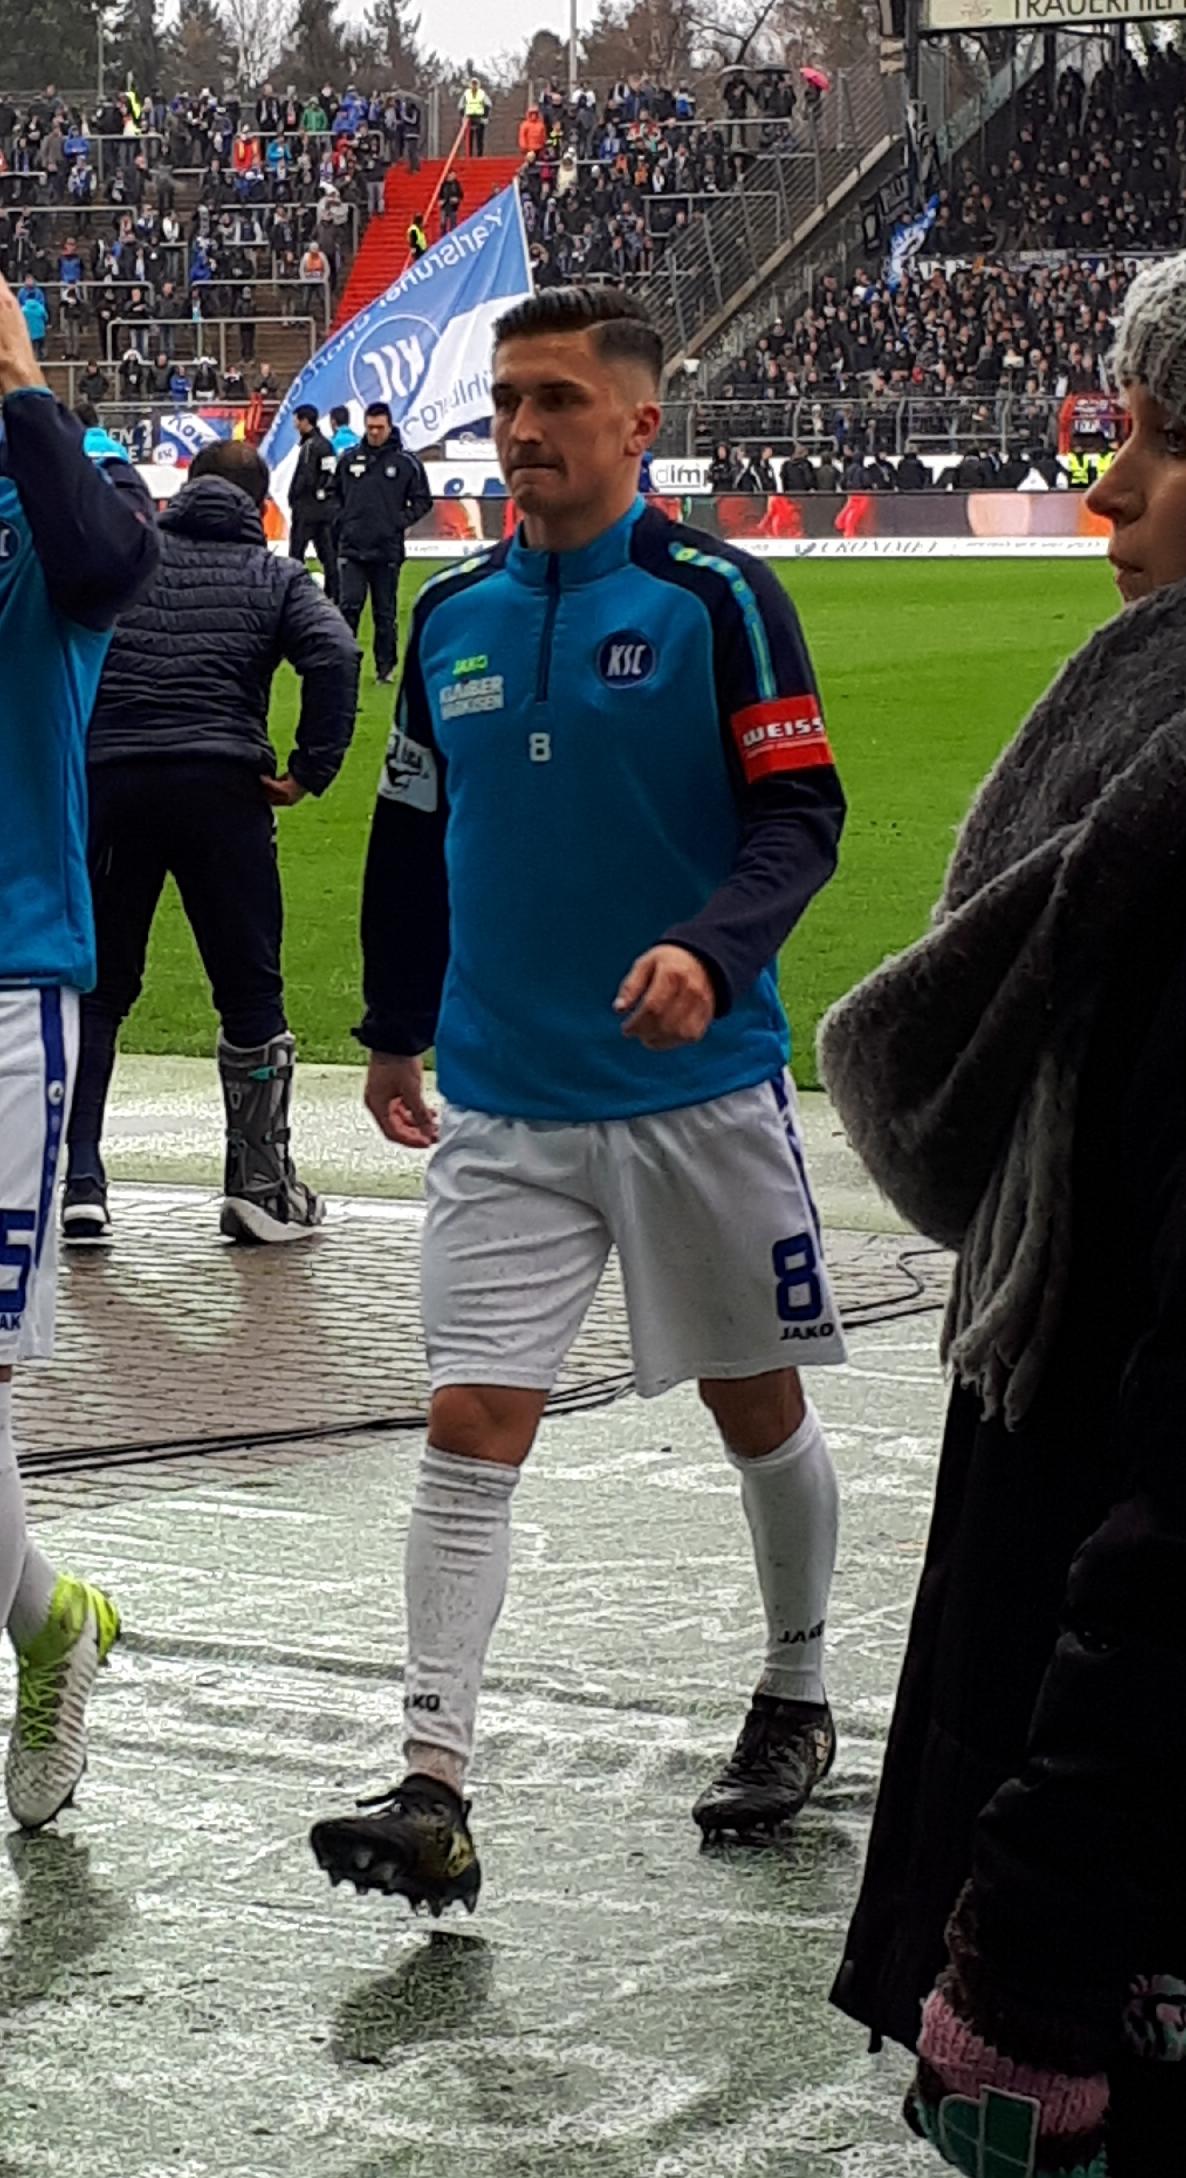 Ksc Gegen Hannover 96